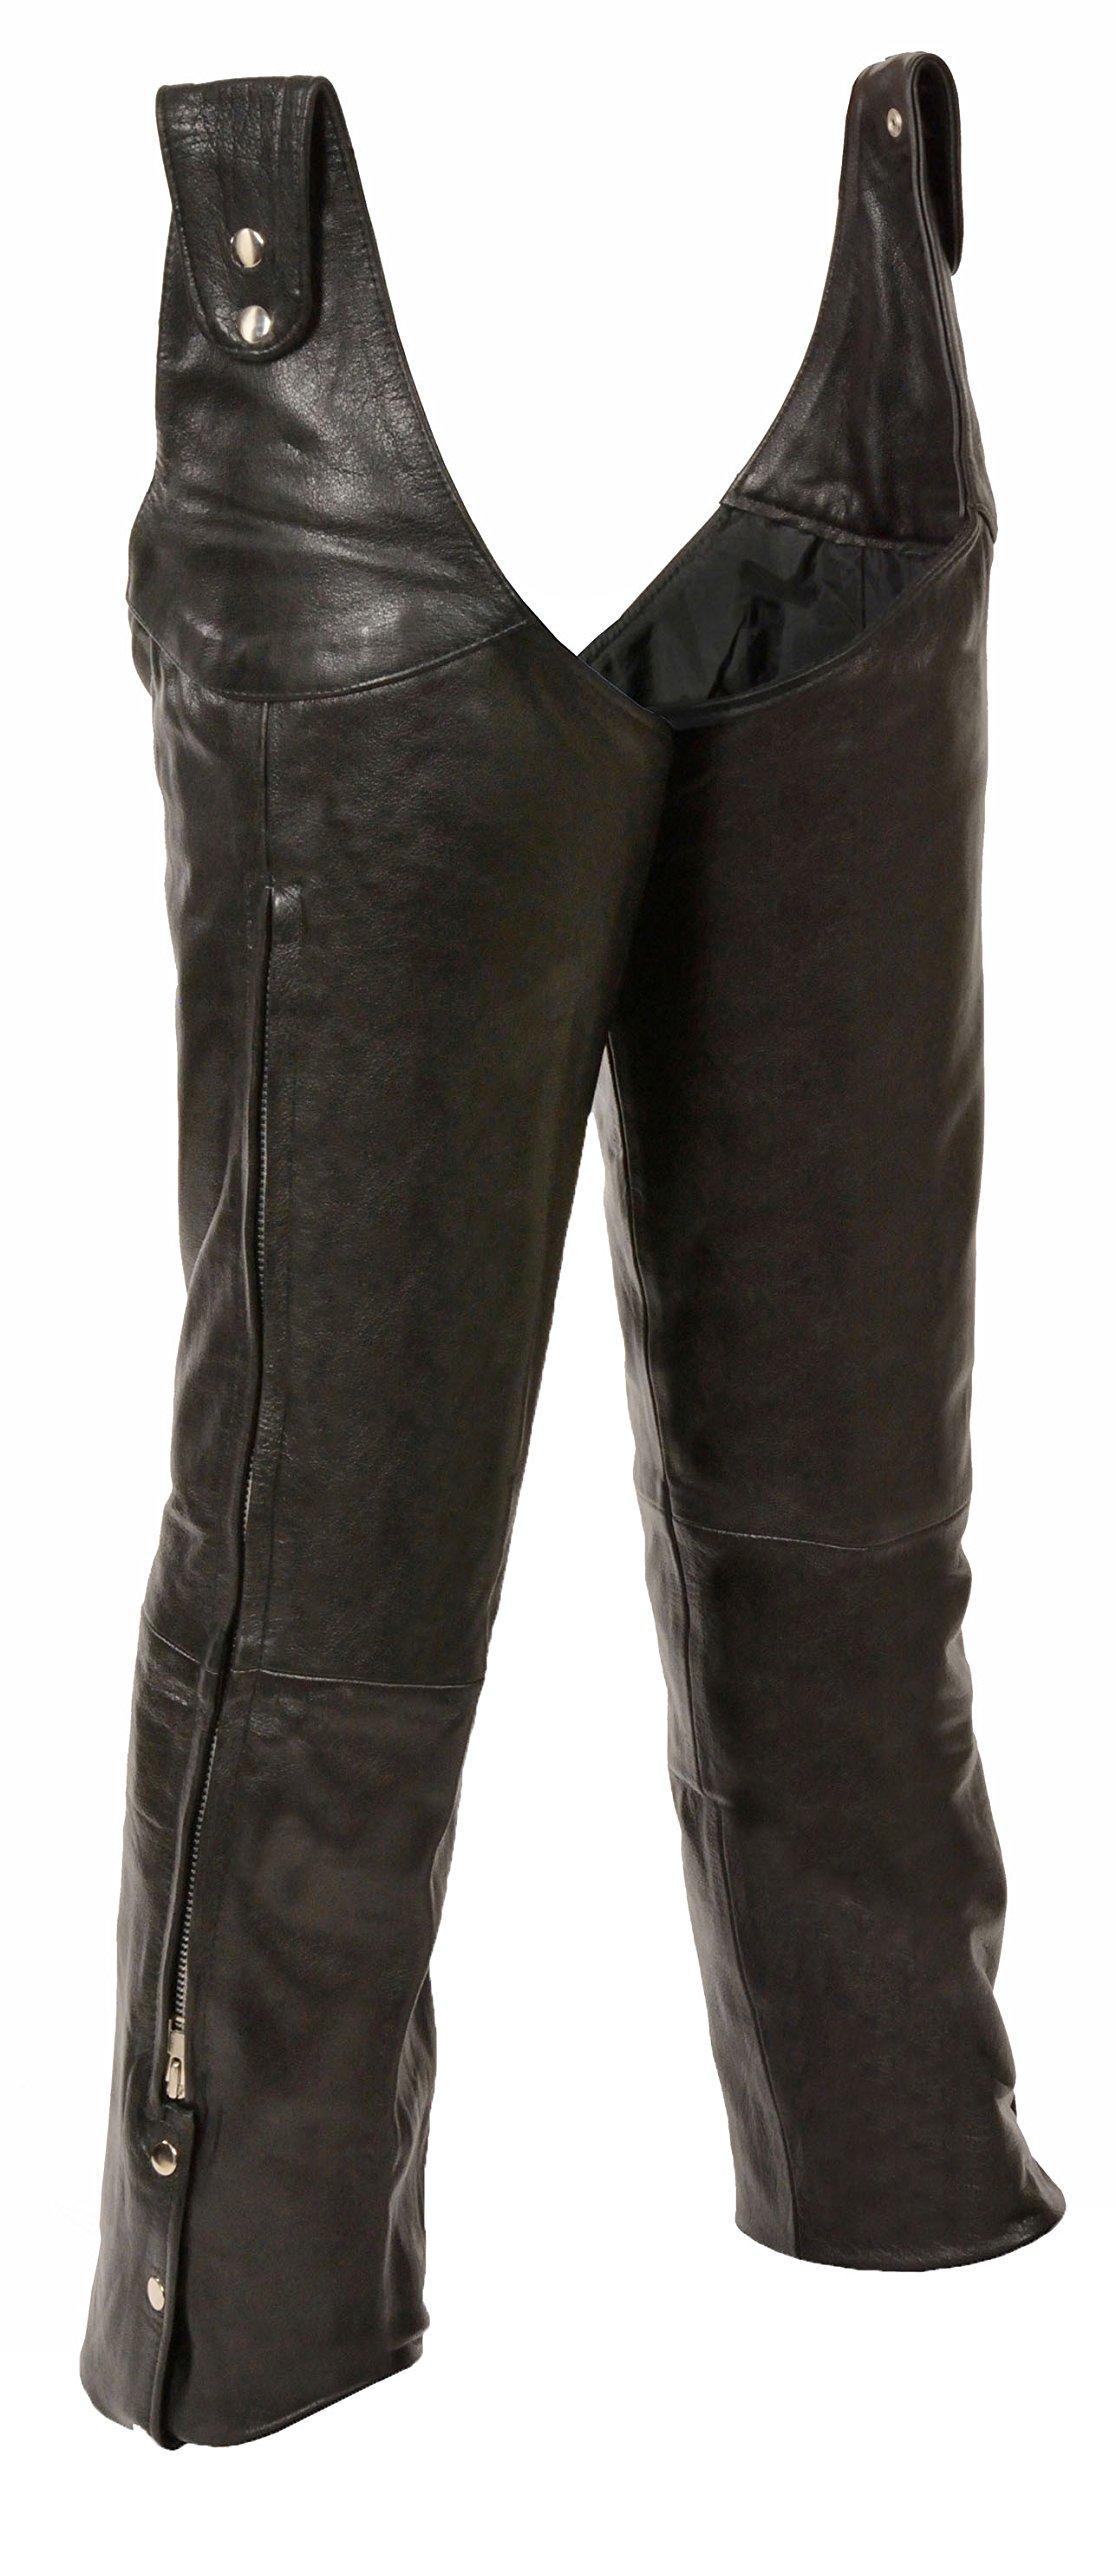 Mens Leather Beltless Adjustable Side Snap Chaps, Black Size S